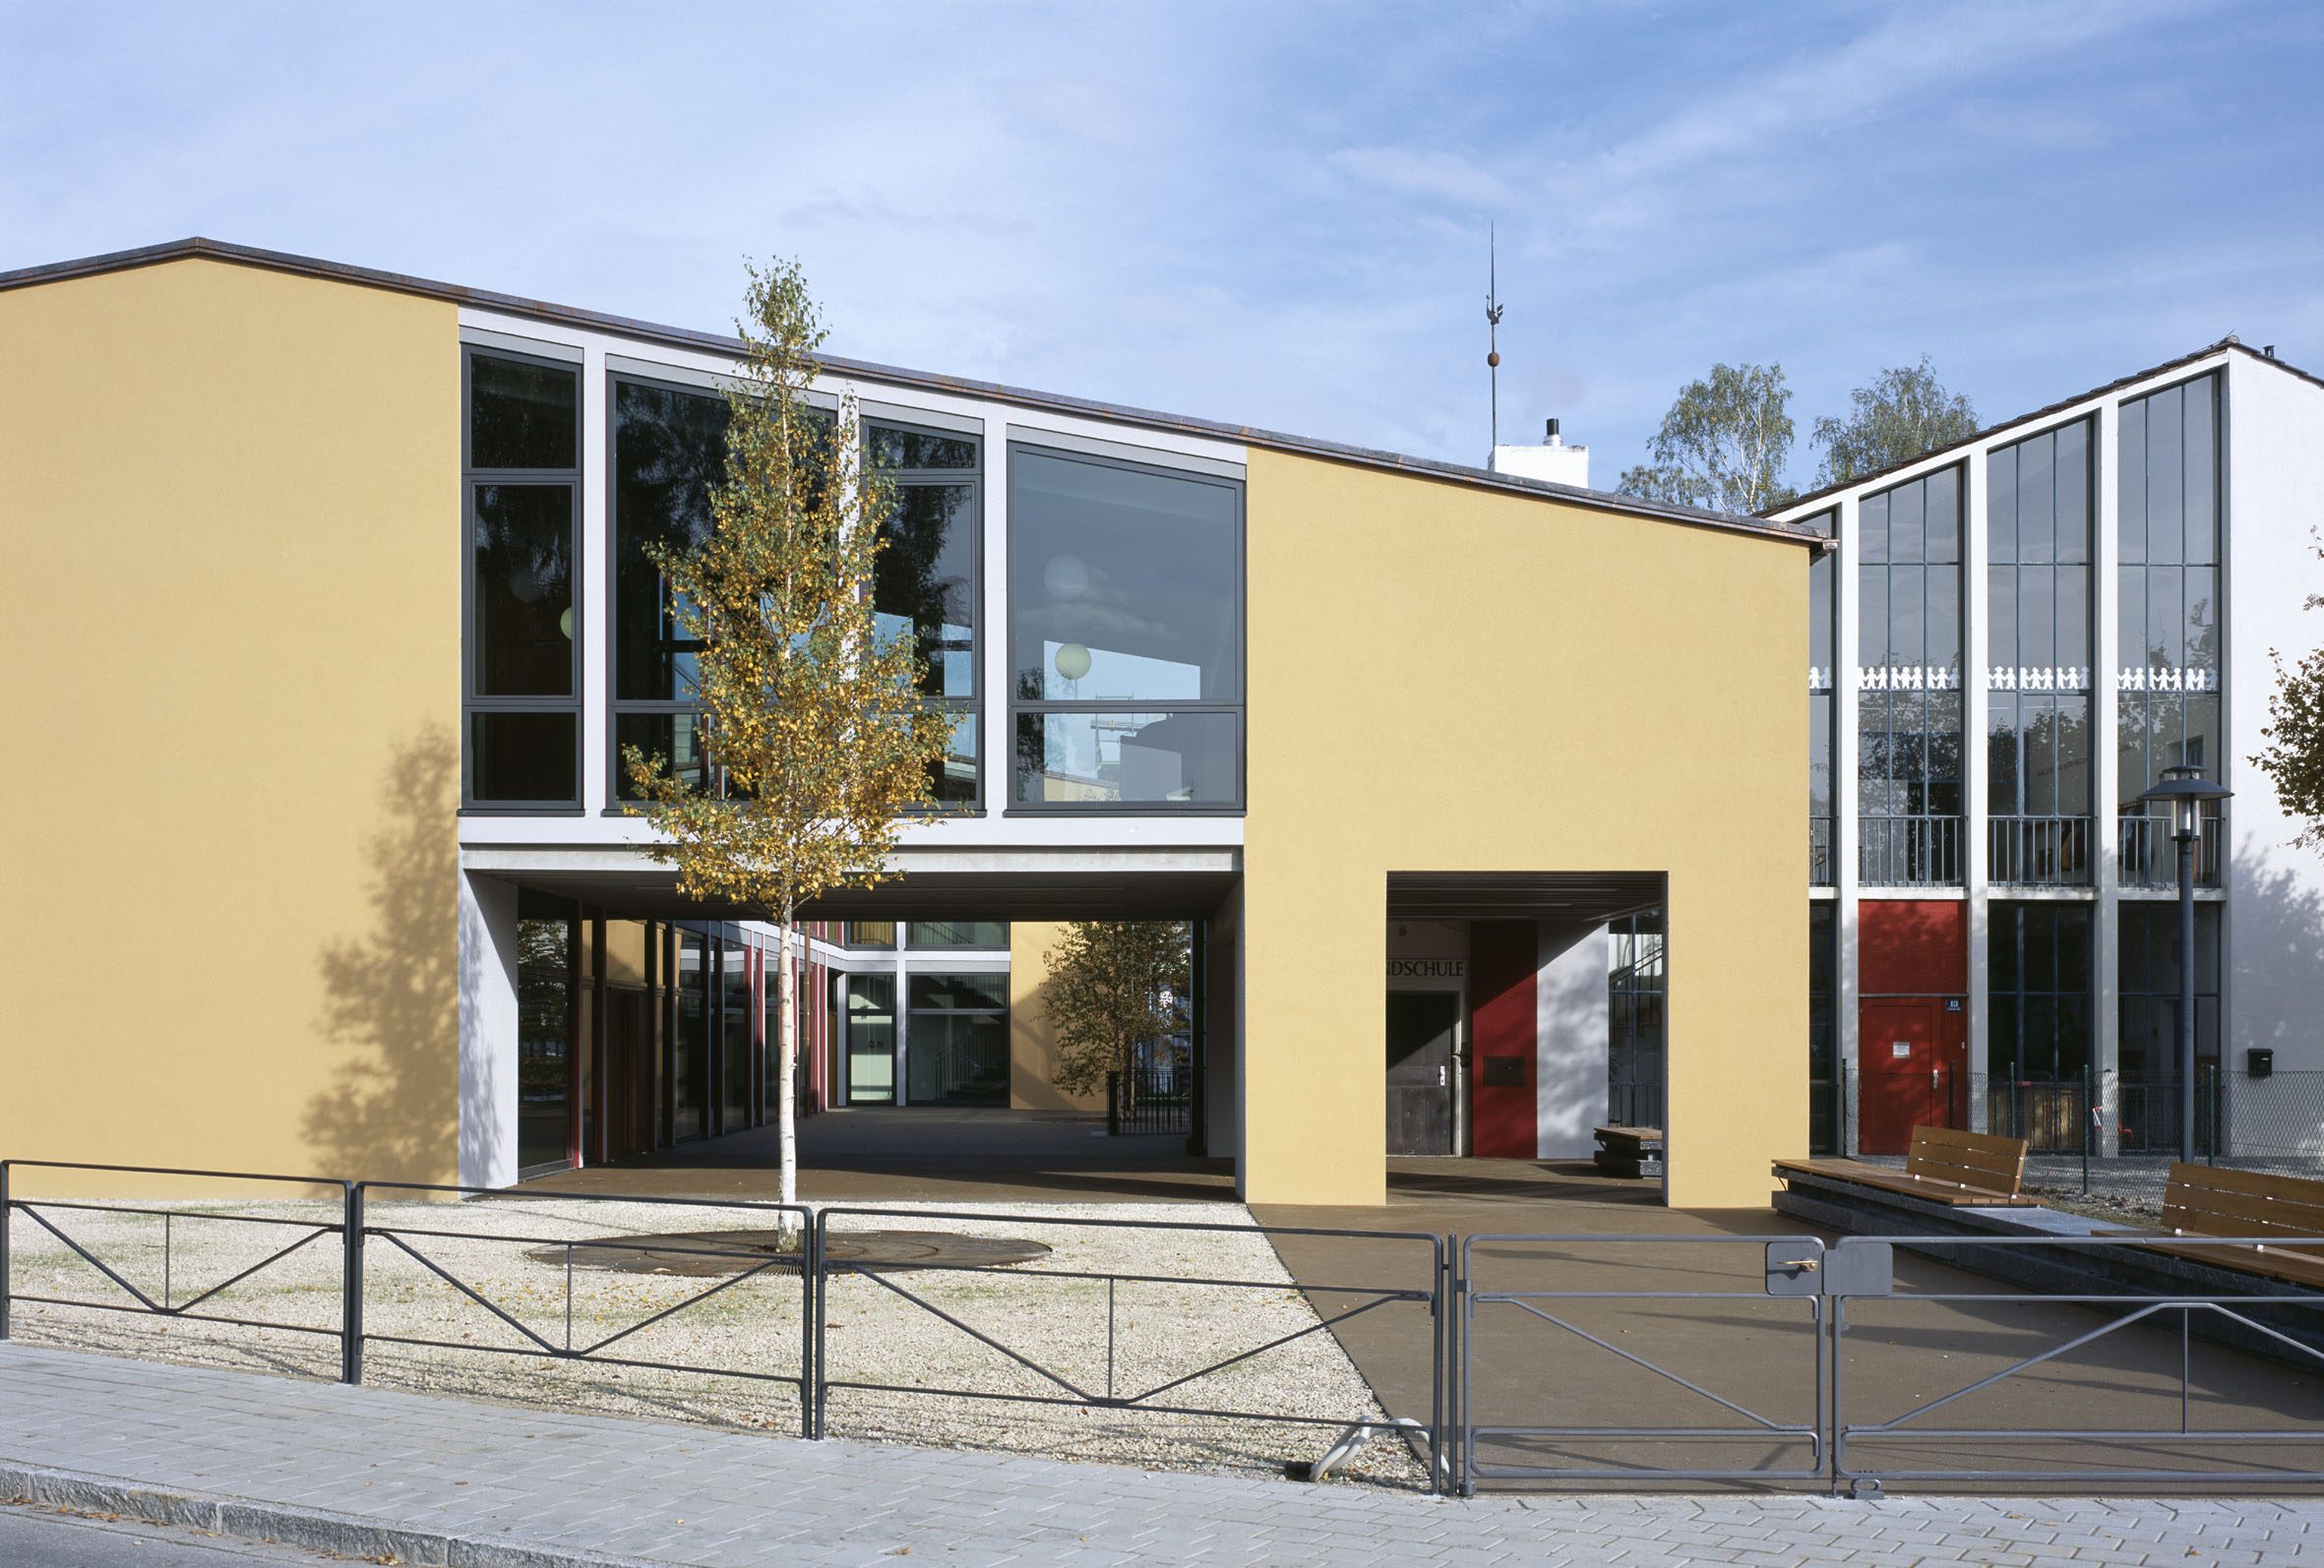 Grundschule in Schondorf am AmmerseeArchitektur: Sunder-Plassmann Architekten